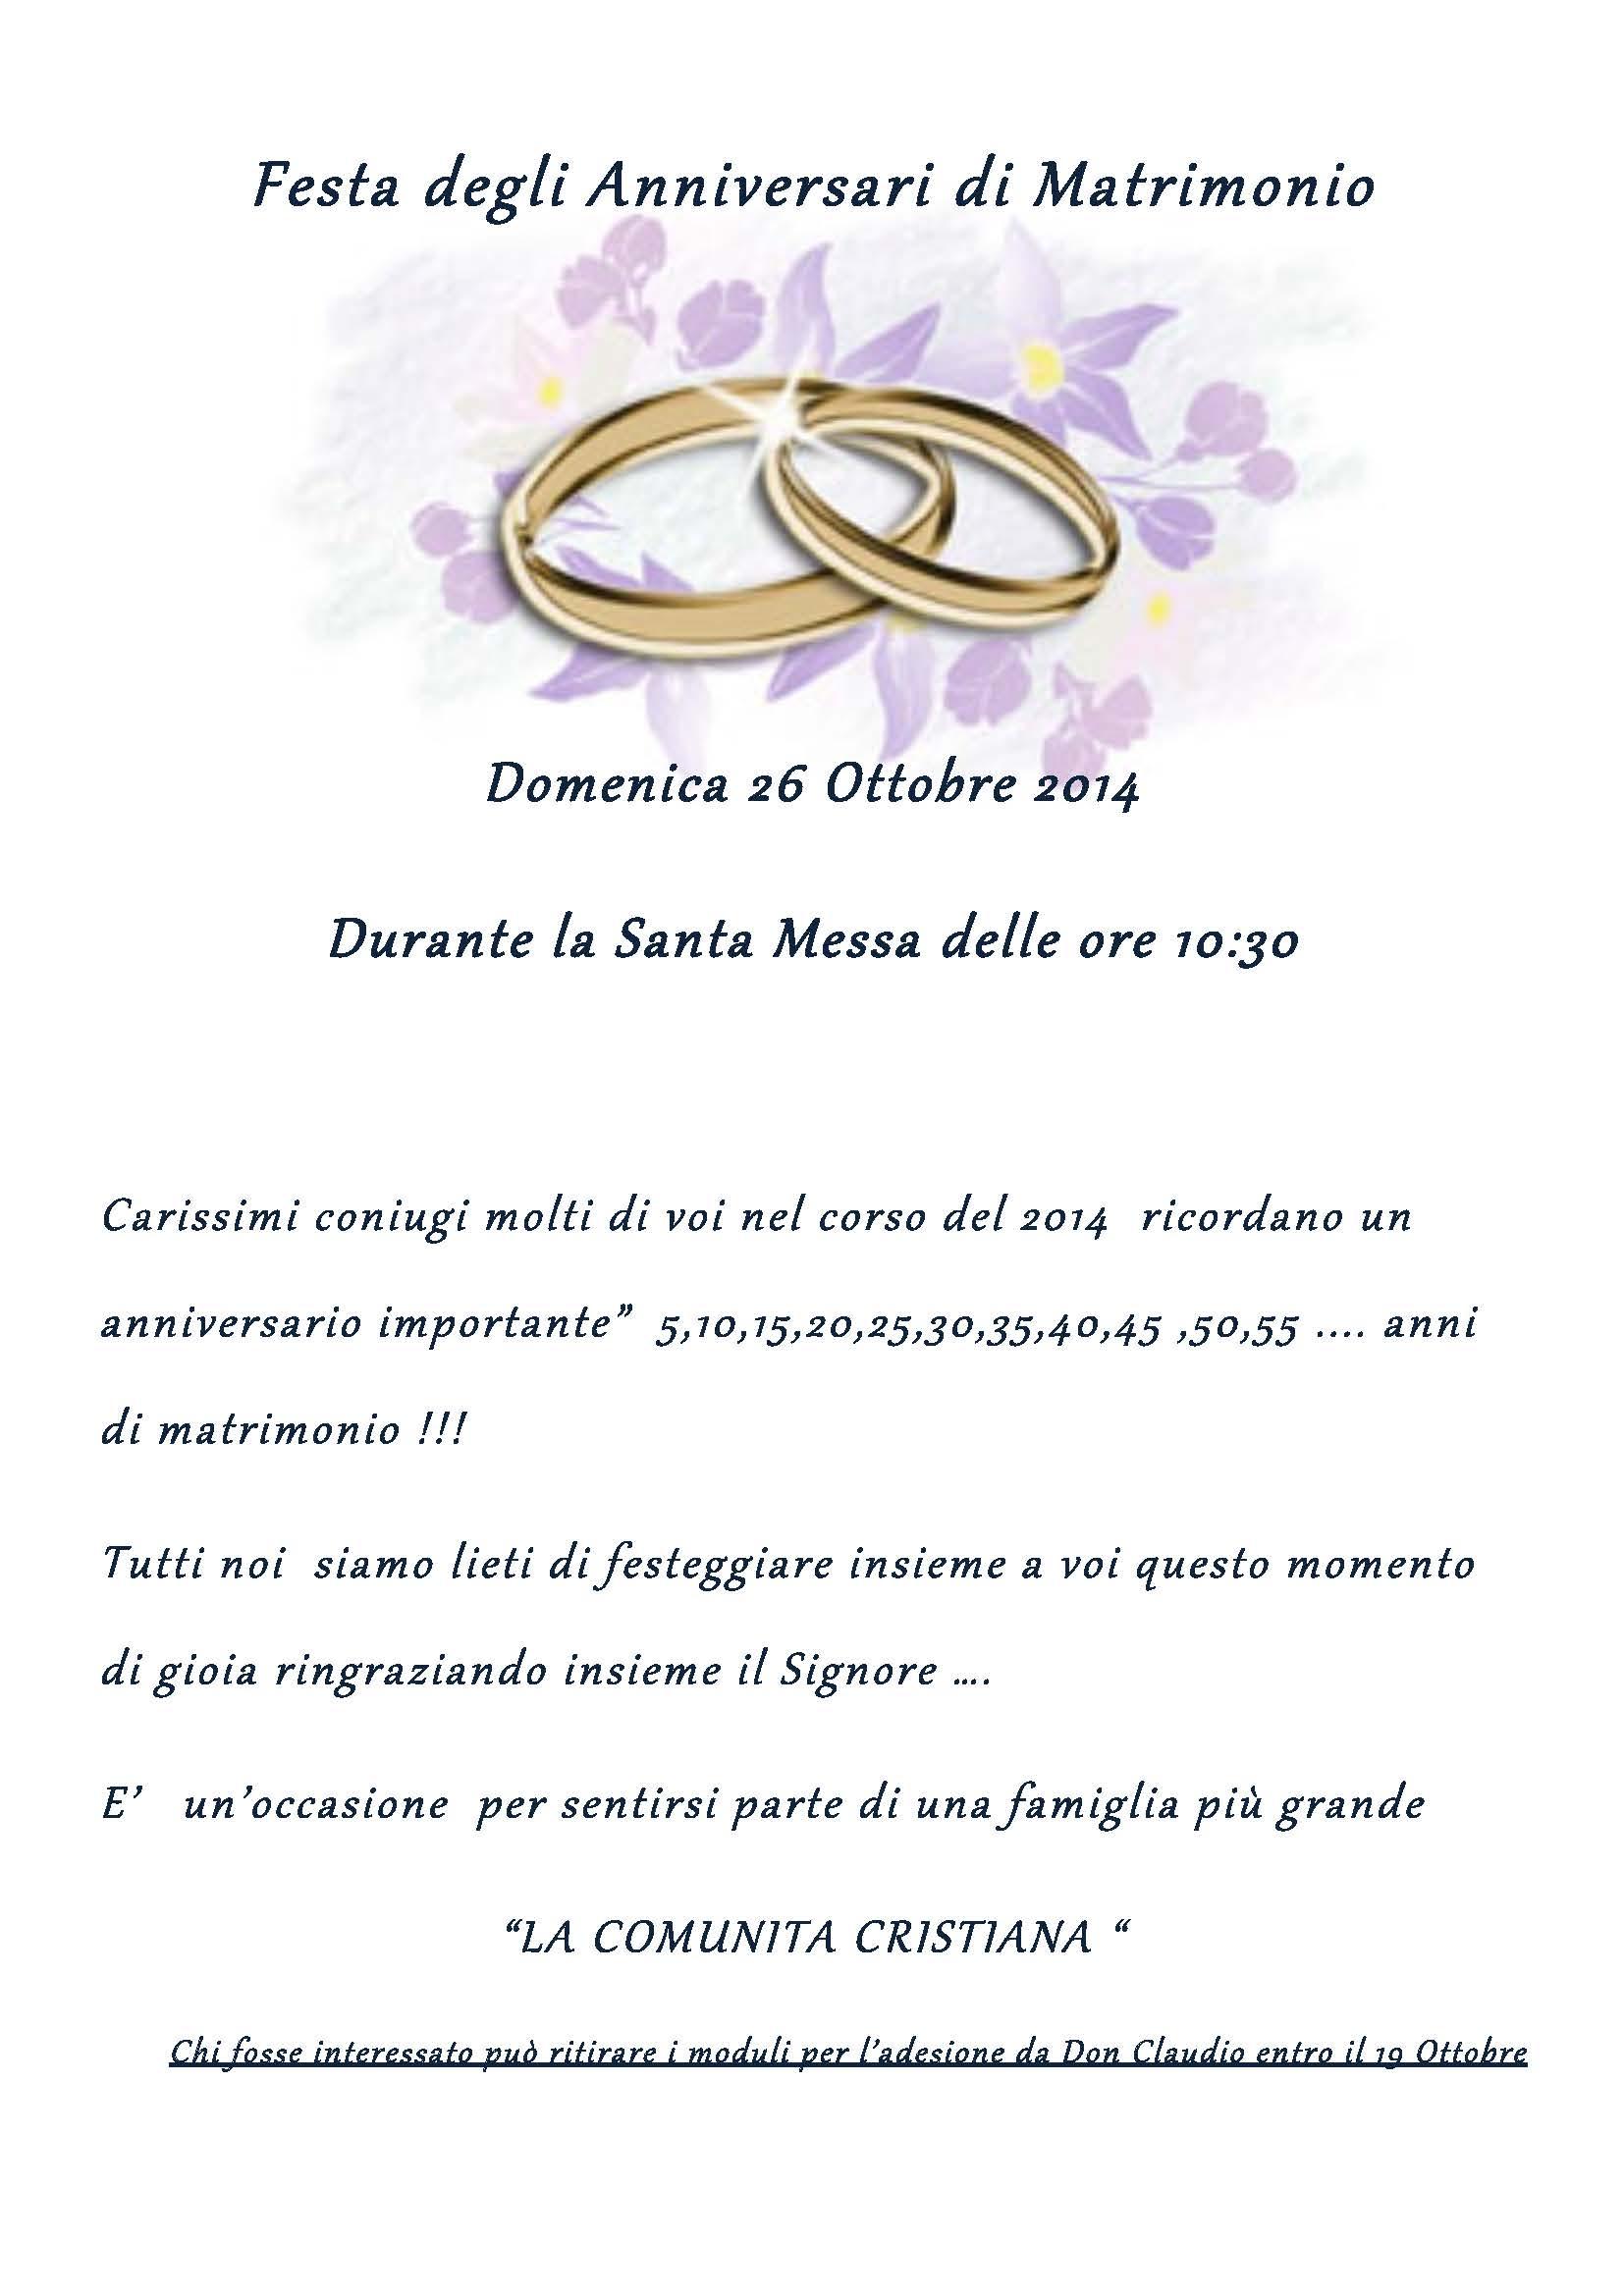 Festa Di Anniversario Di Matrimonio.Festa Degli Anniversari Parrocchia San Martino Della Battaglia